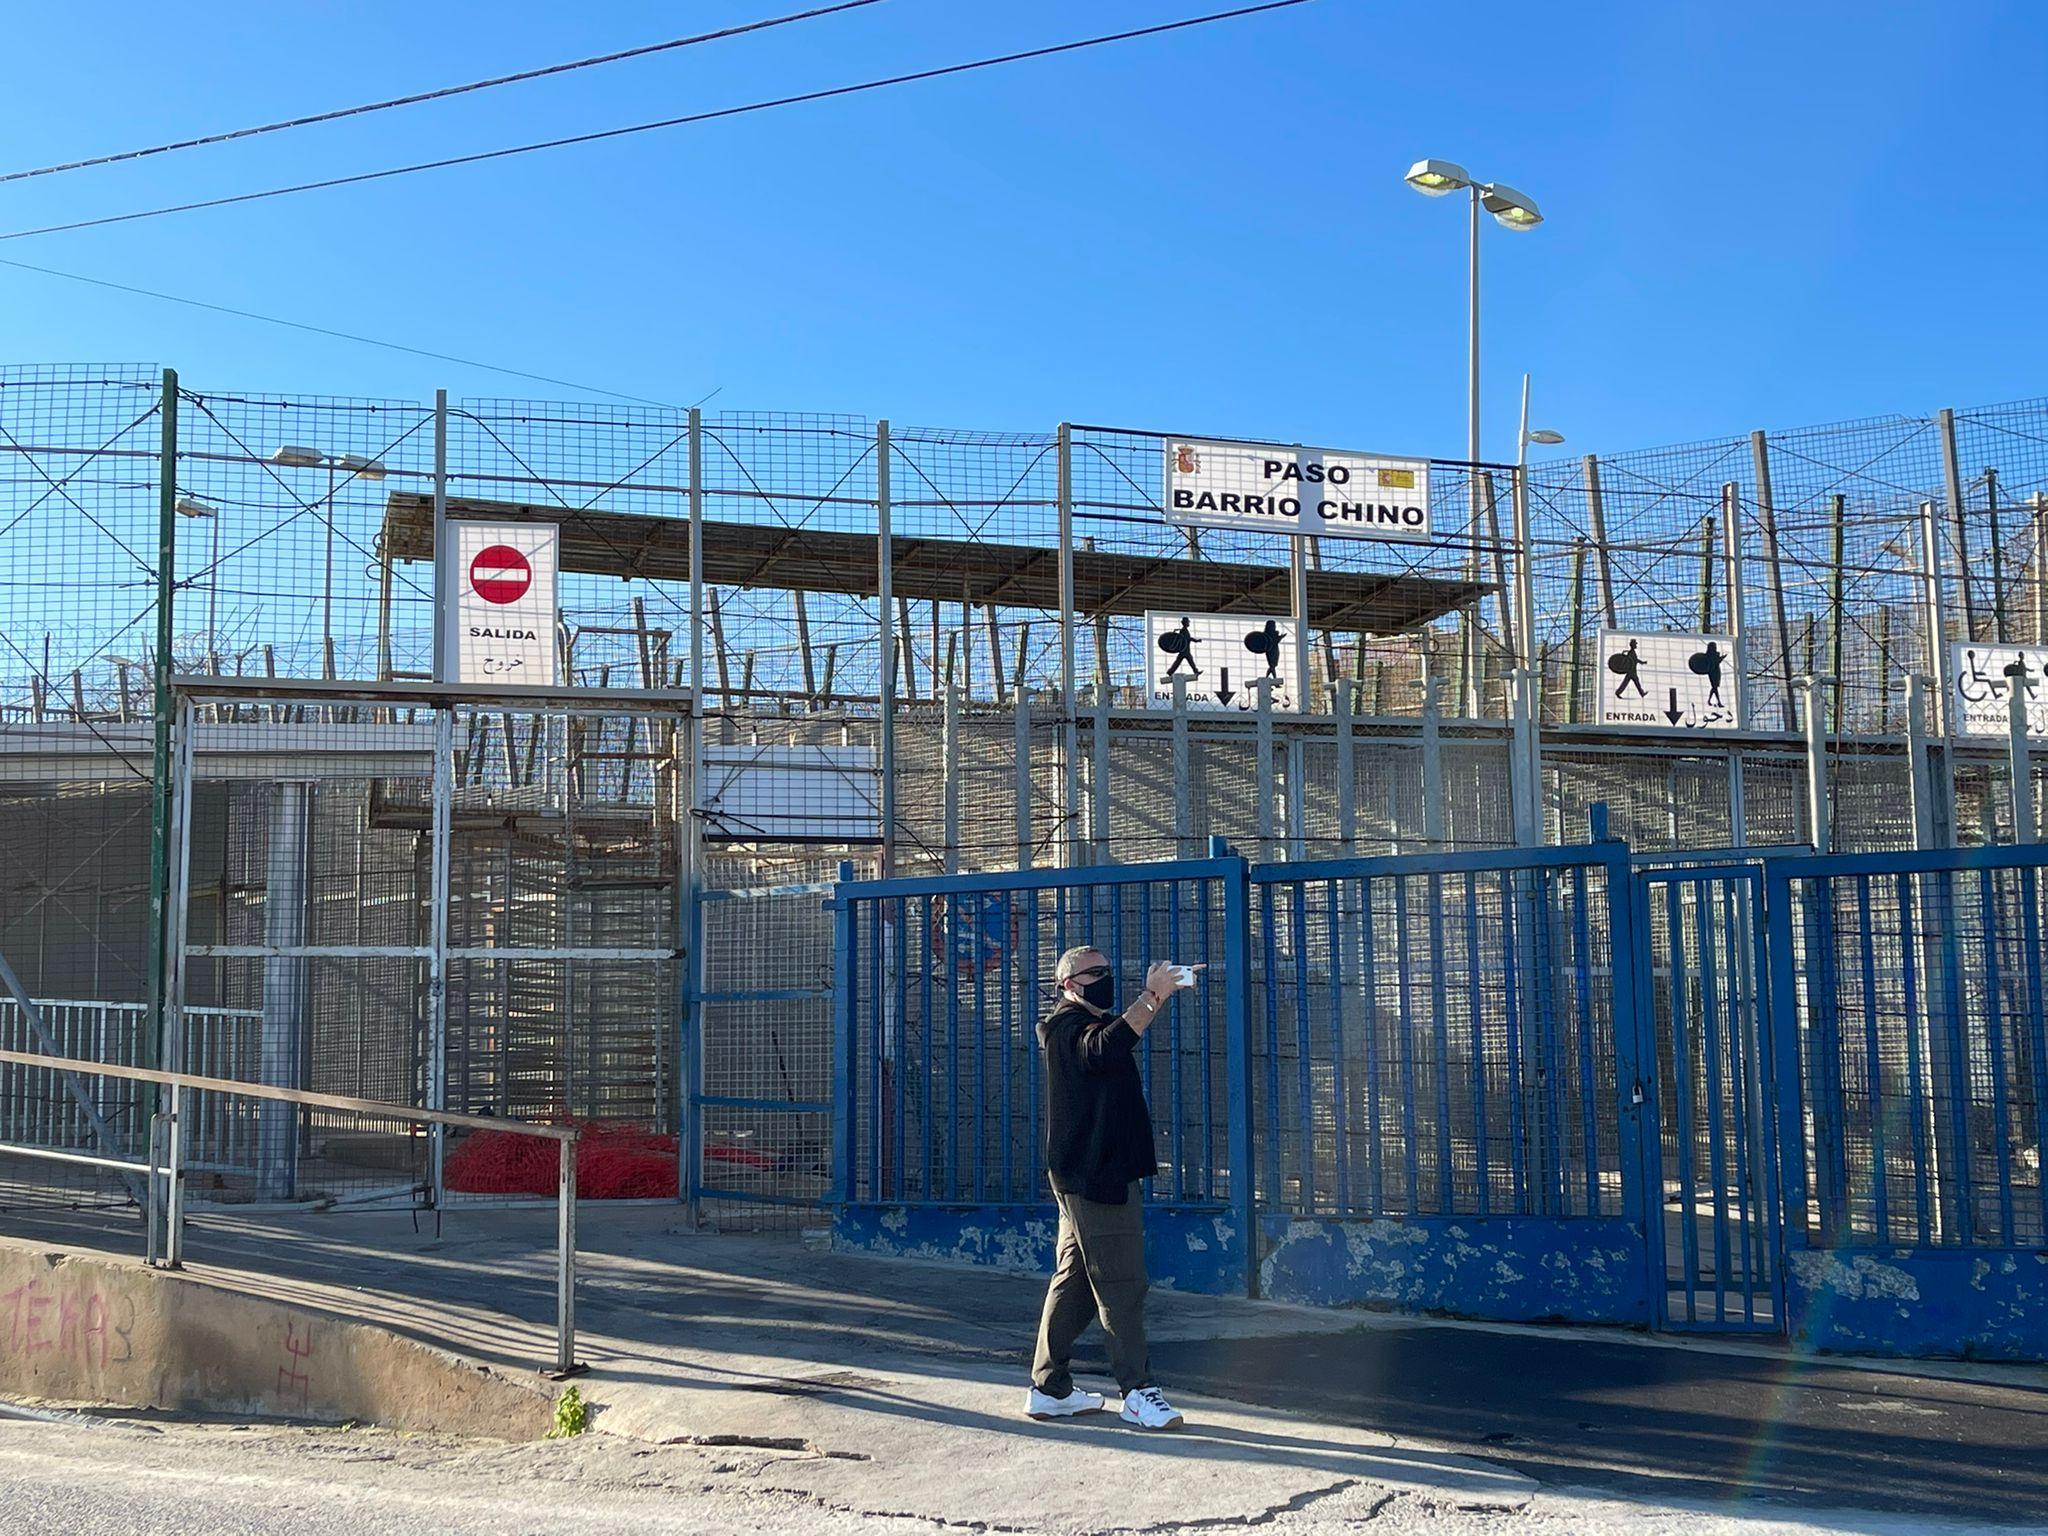 EN DIRECTO | DESDE LA VALLA DEL BARRIO CHINO DE MELILLA con NEGRE, UN MURCIANO ENCABRONAO y DAVID SANTOS